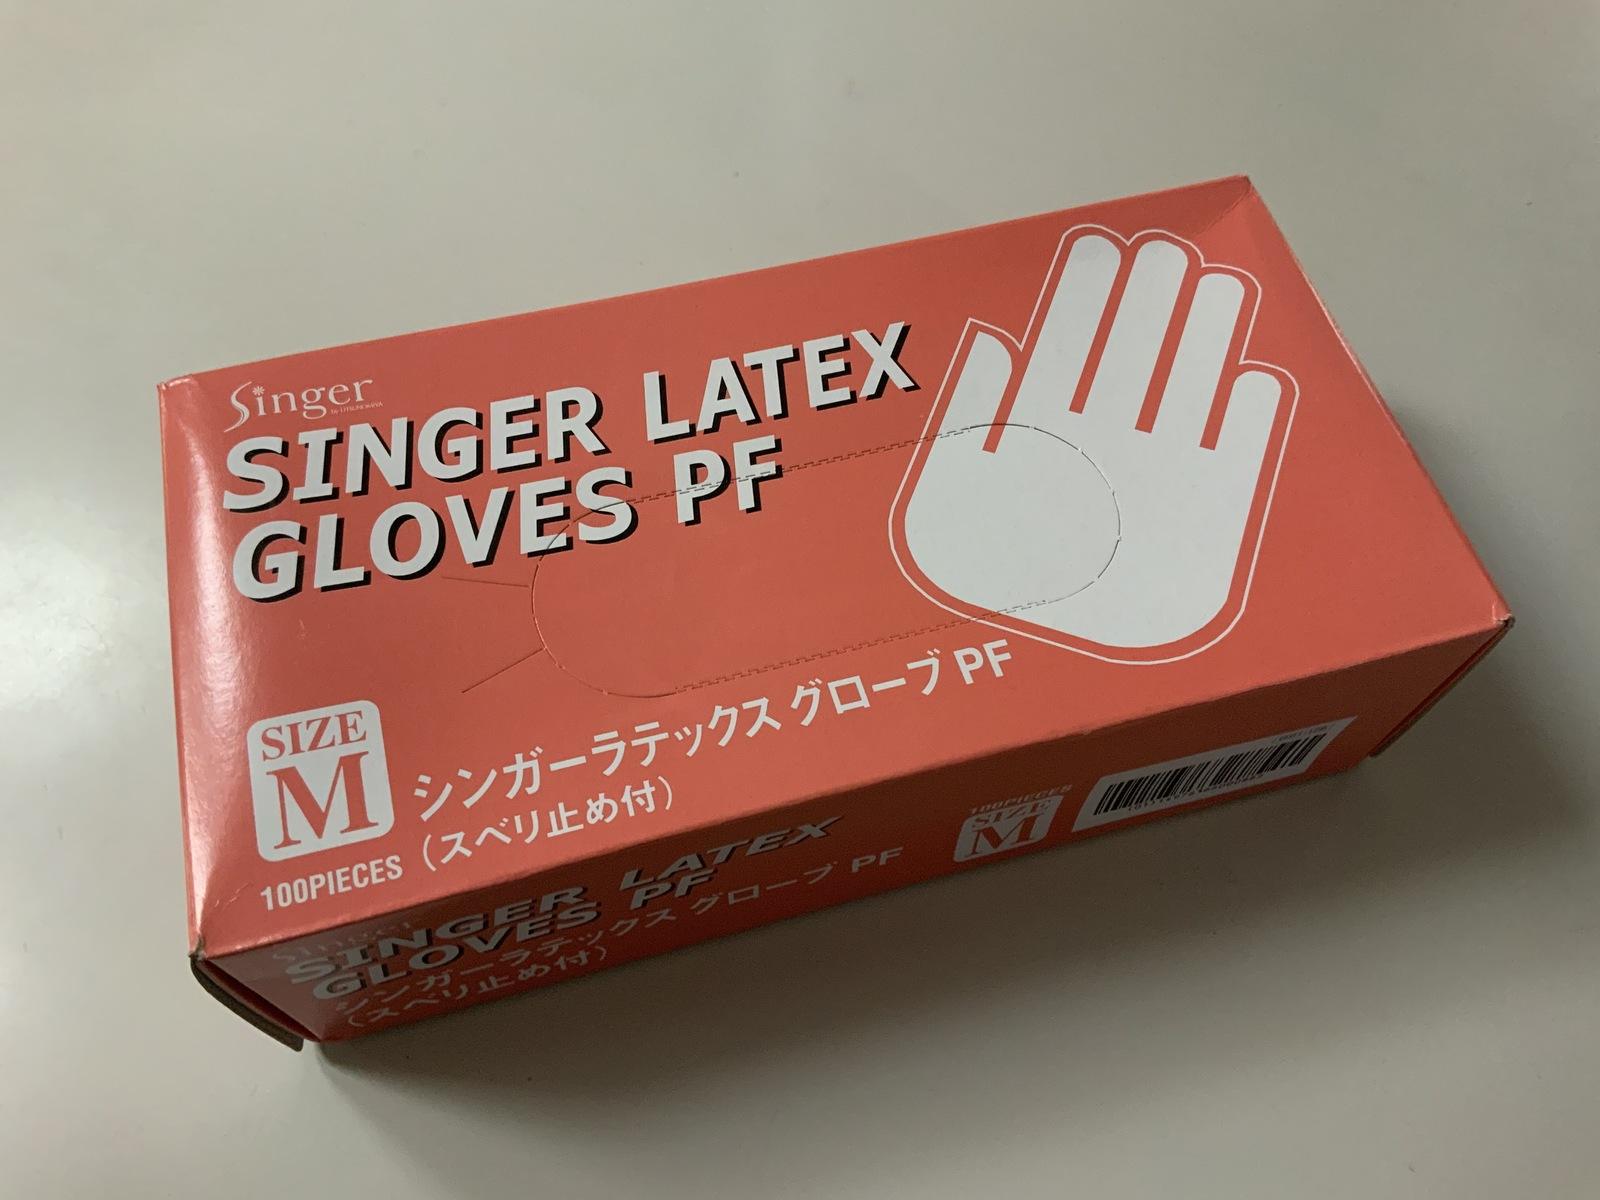 食品衛生法 適合 ラテックス ゴム手袋 パウダーフリー シンガー 再入荷/予約販売! 限定タイムセール ラテックスグローブ 100枚 粉なし 天然ゴム M PF 使い捨て